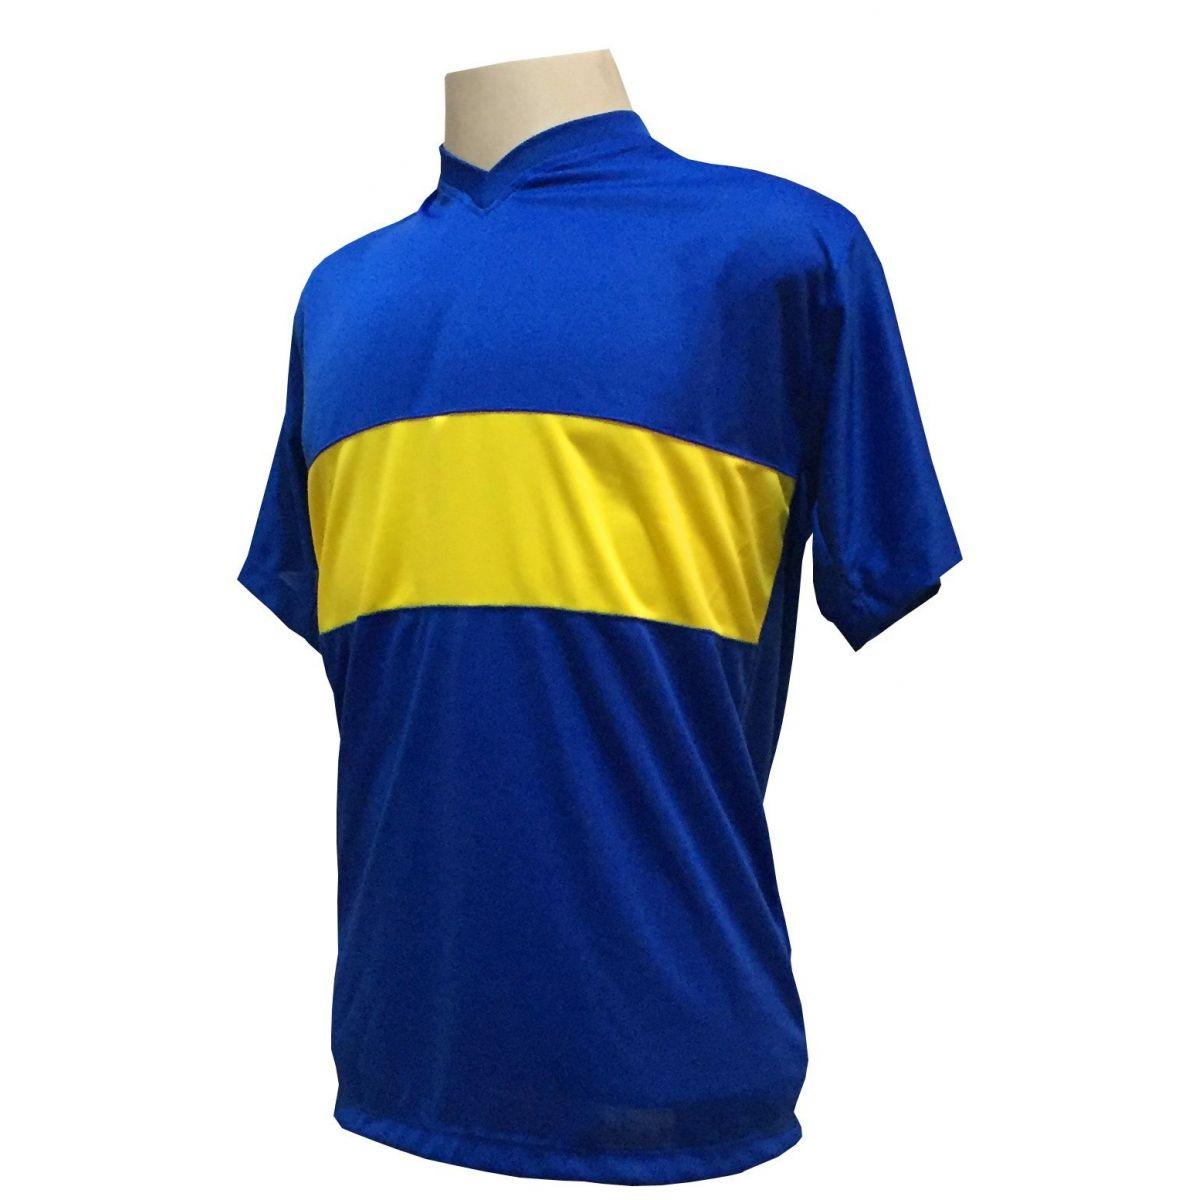 Jogo de Camisa com 14 unidades modelo Boca Juniors Royal/Amarelo